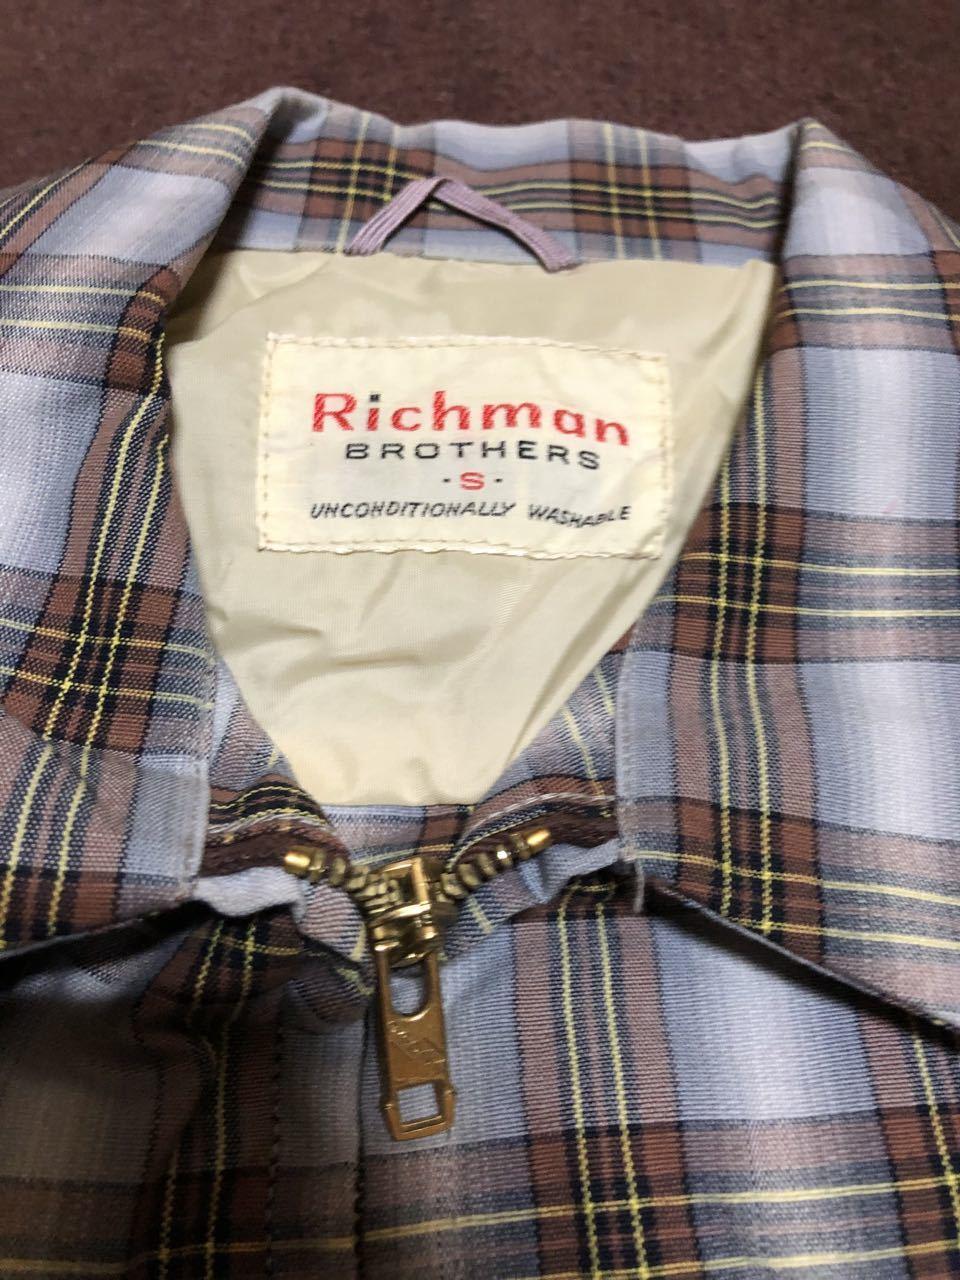 アメリカ仕入れ情報#28  50s RICHMAN BROTHERS コットン ポプリンジャケット!_c0144020_13385731.jpg